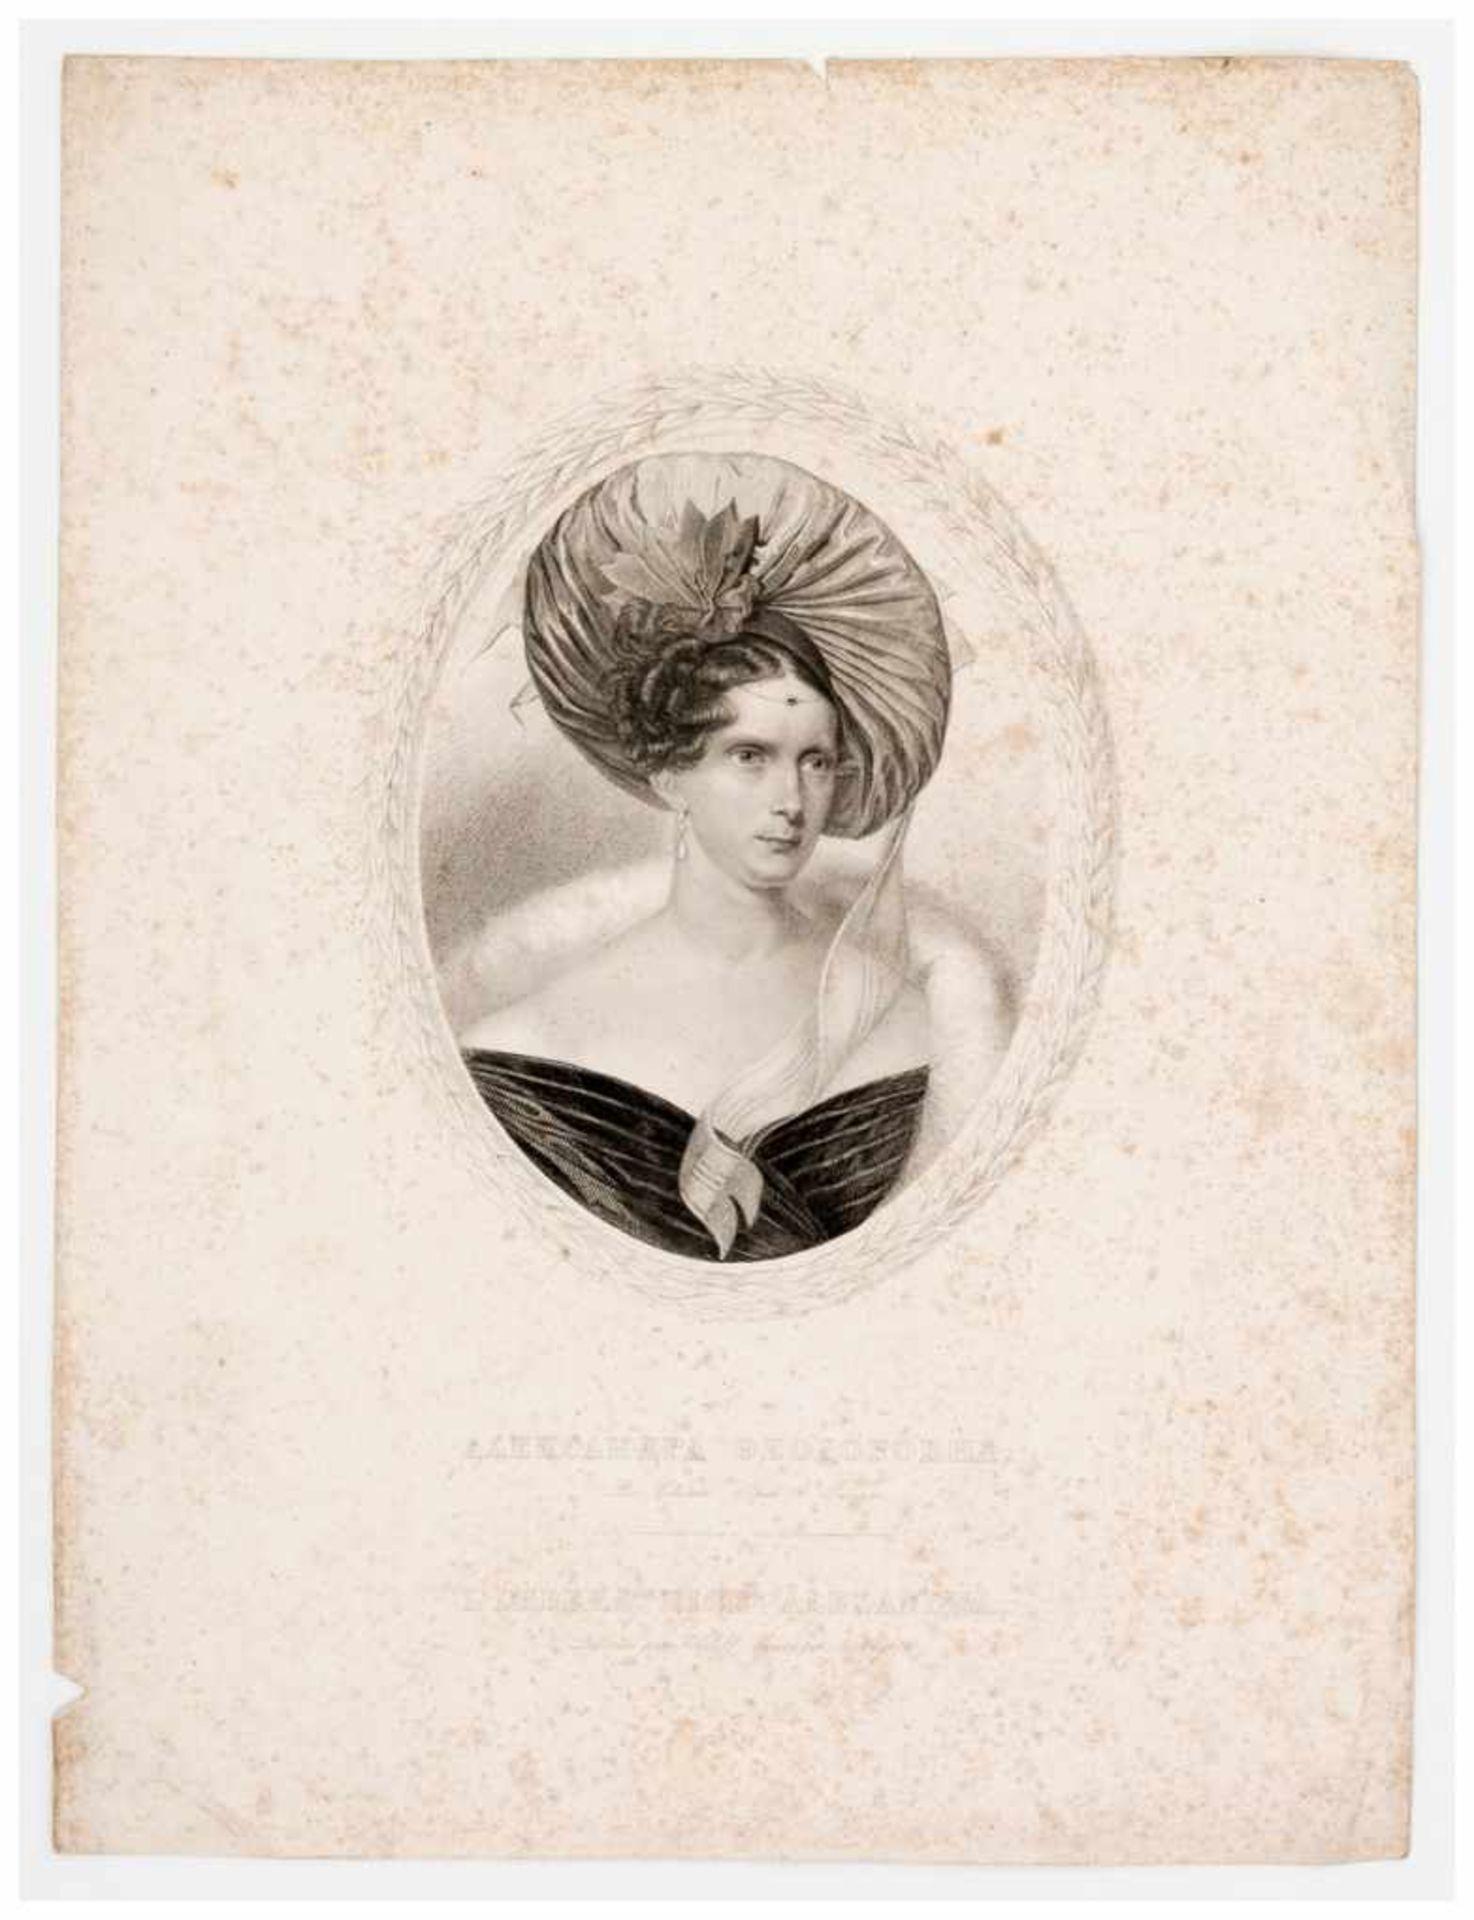 Los 42 - Kaiserin Alexandra Fjodorovna Lithographie , um 1840 von T. Wright nach Sokolov Papiergrösse: ca.